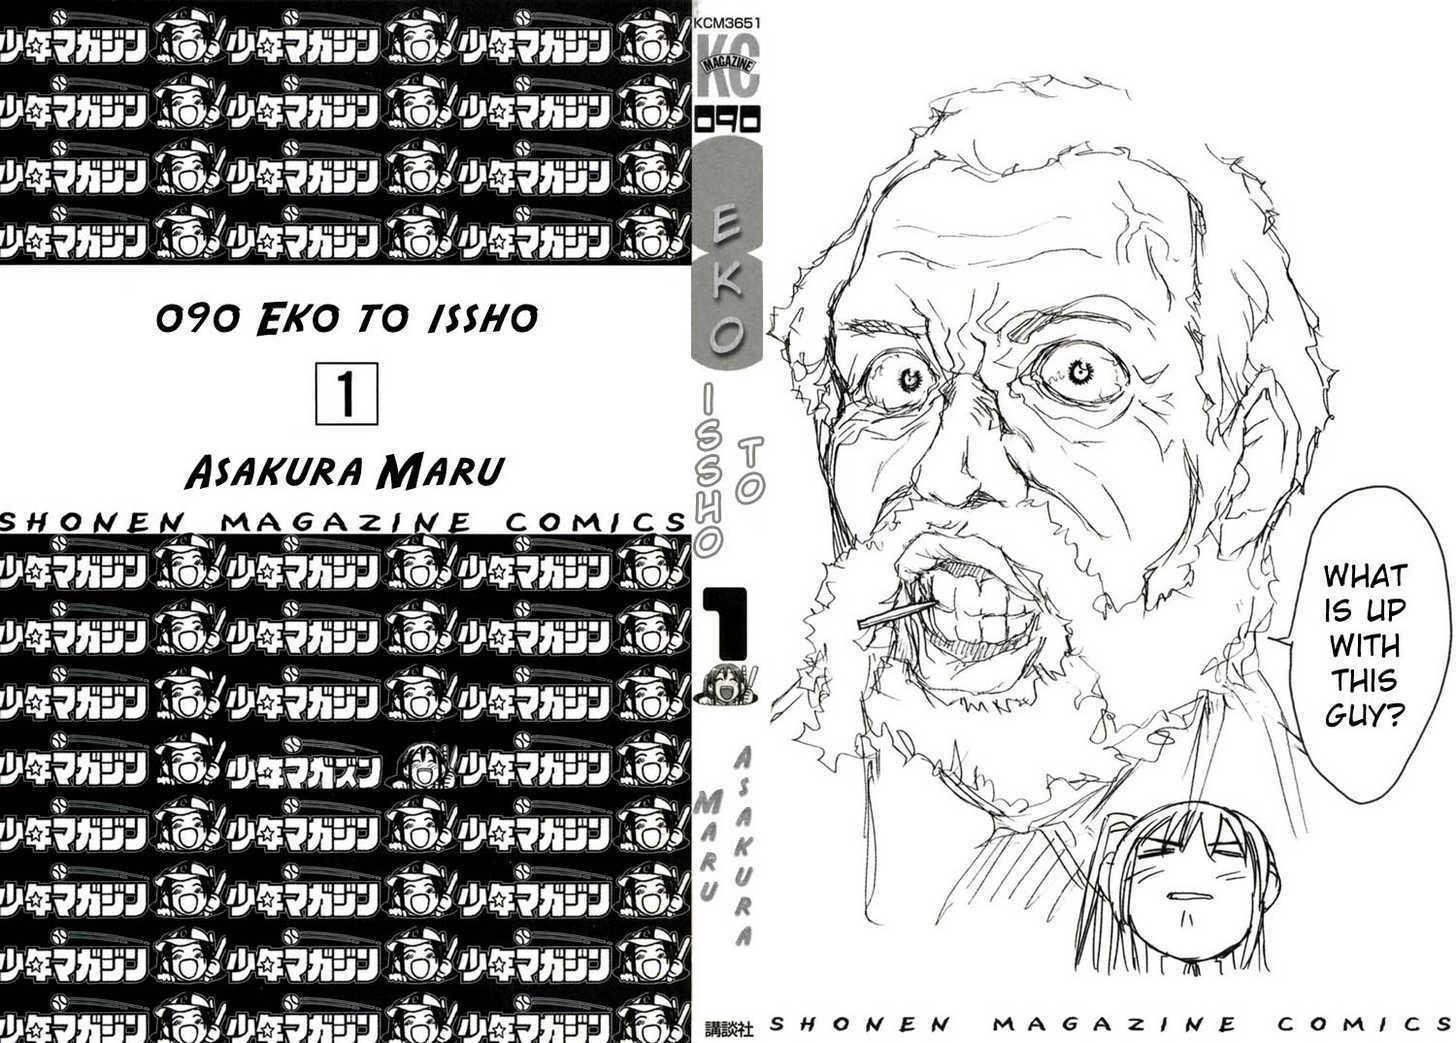 090 ~Eko to Issho~ 1 Page 3